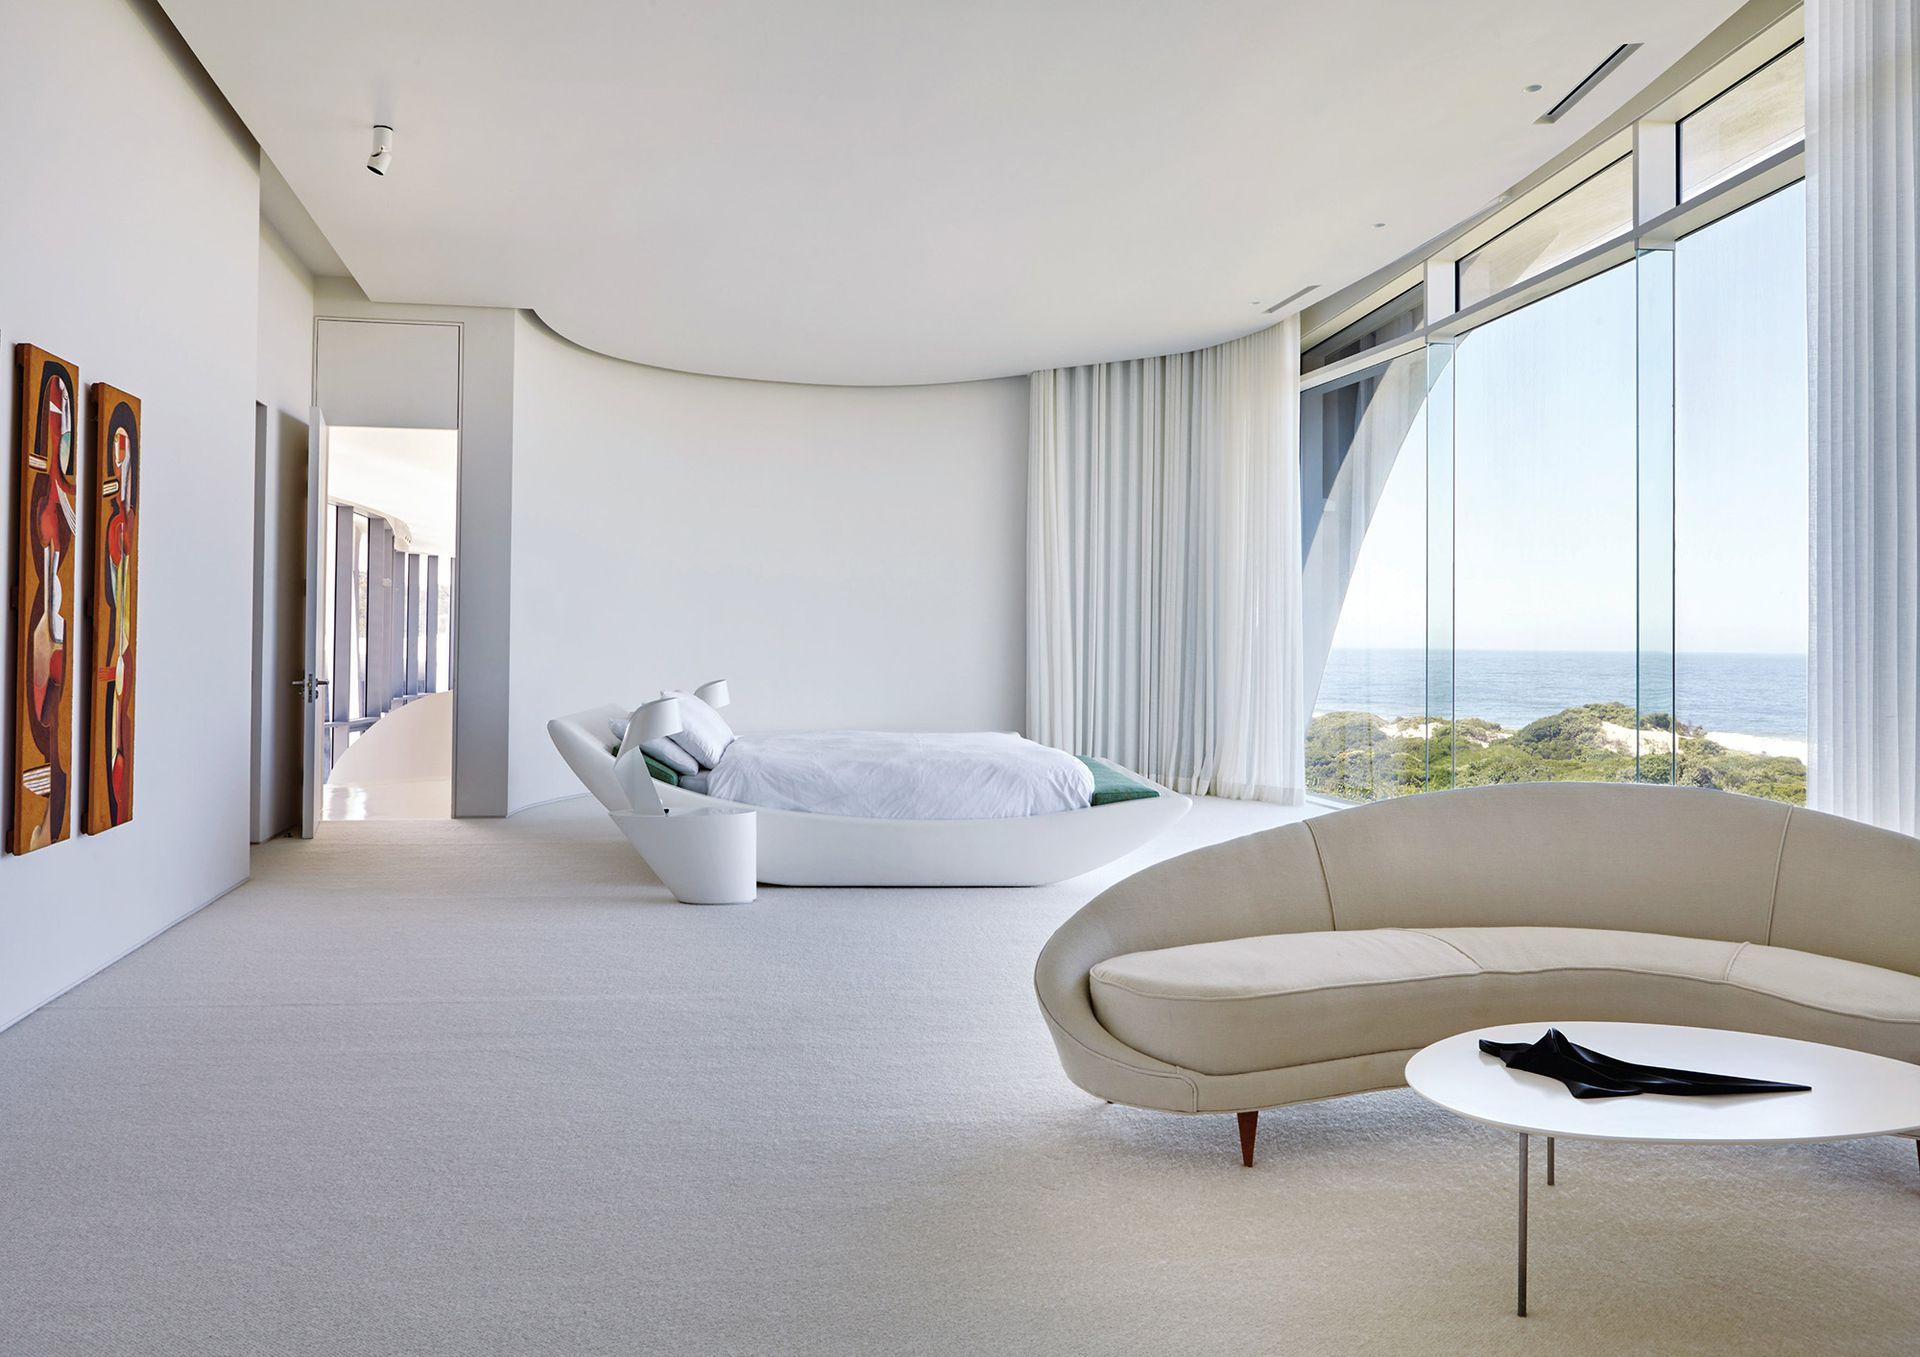 La cama diseñada por los arquitectos tiene poca, pero selecta compañía: el sofá curvo 'Coma', diseño icónico de Ico Parisi, y los grabados en madera del artista sudafricano Cecil Skotnes.